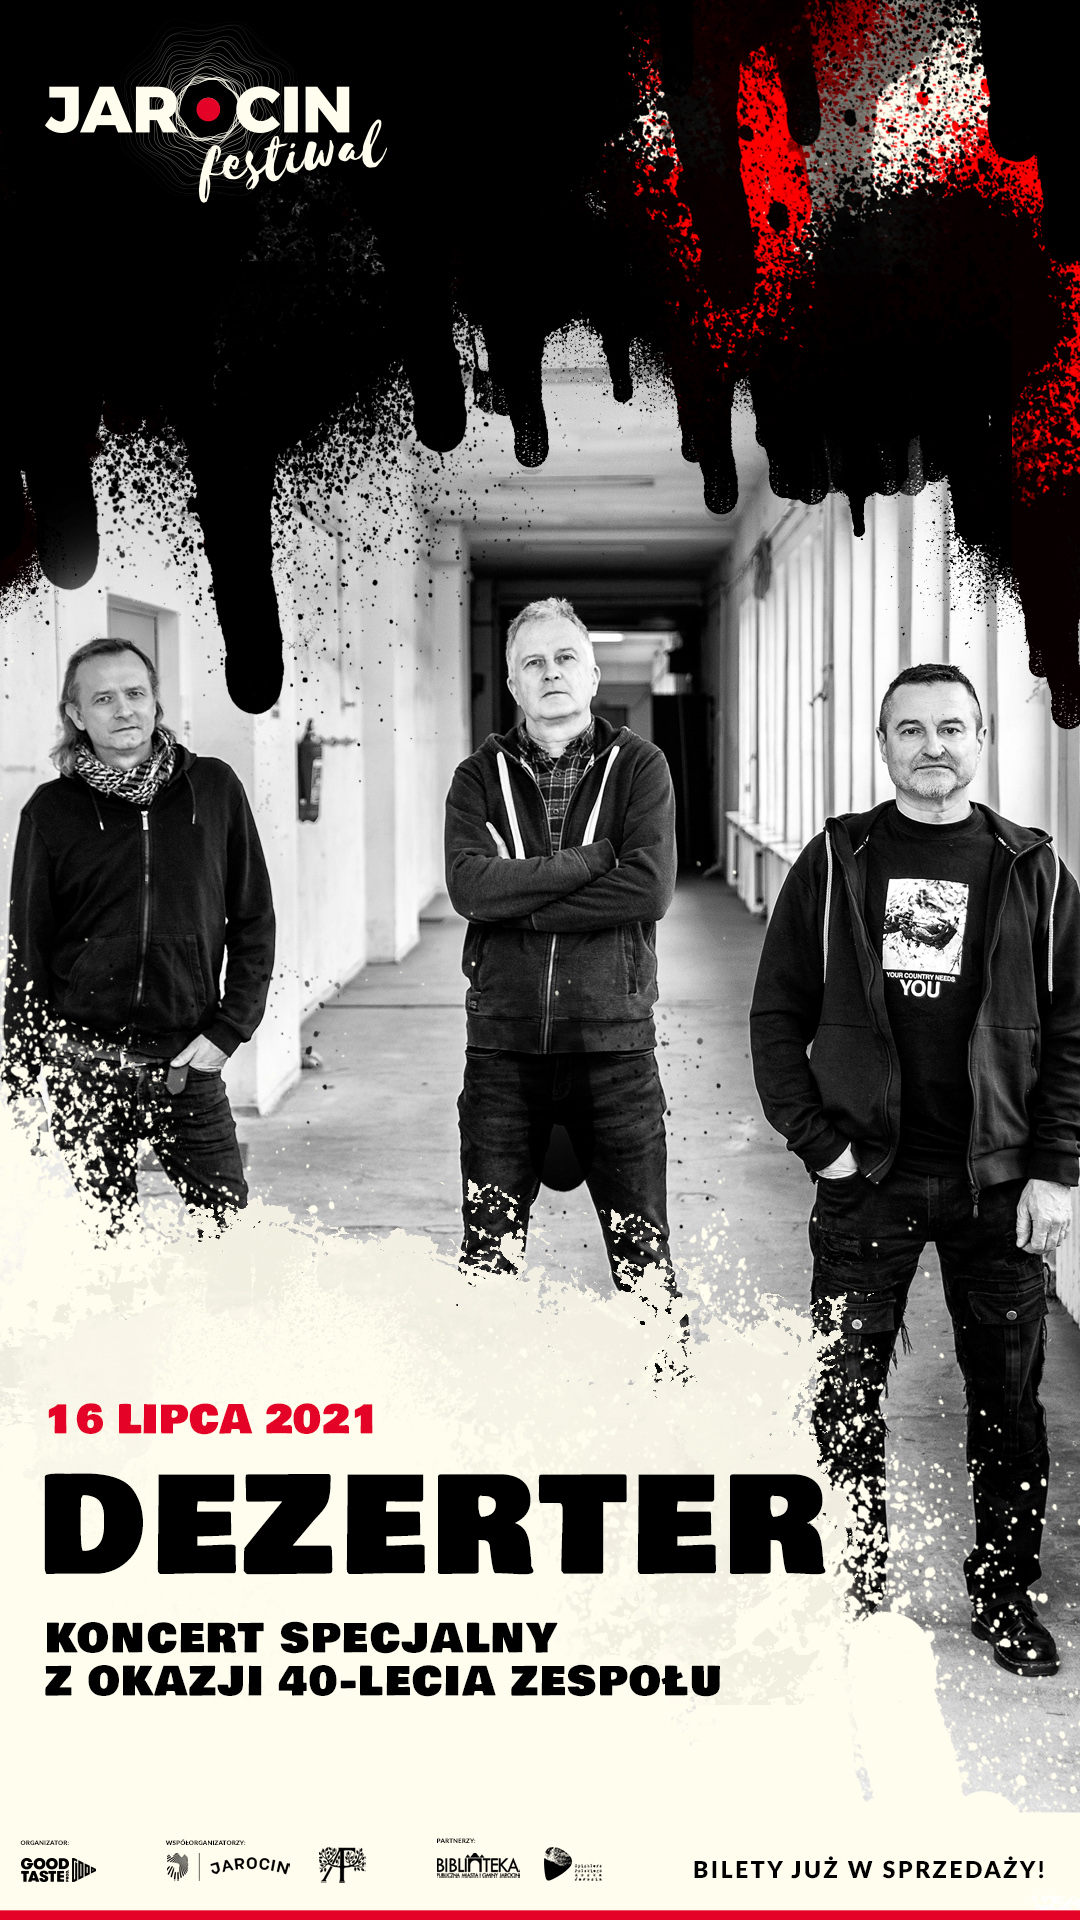 Jarocin Festiwal 2021 – koncert Dezertera z okazji 40-lecia zespołu